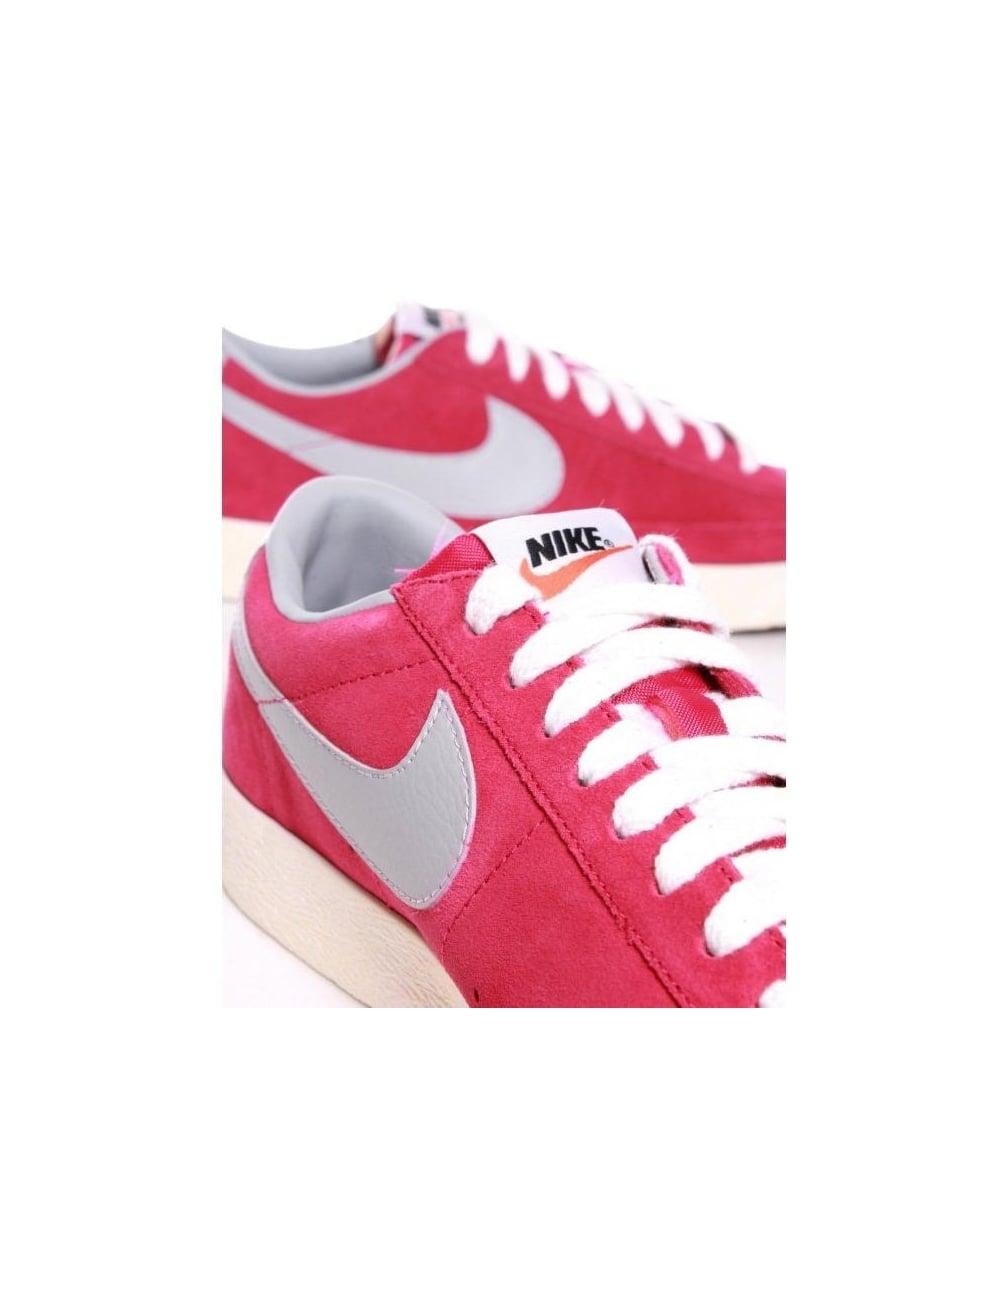 28ddc9c6f9be Nike Blazer Low PRM VNTG Suede - Sport Fuchsia (Pink) - Footwear ...